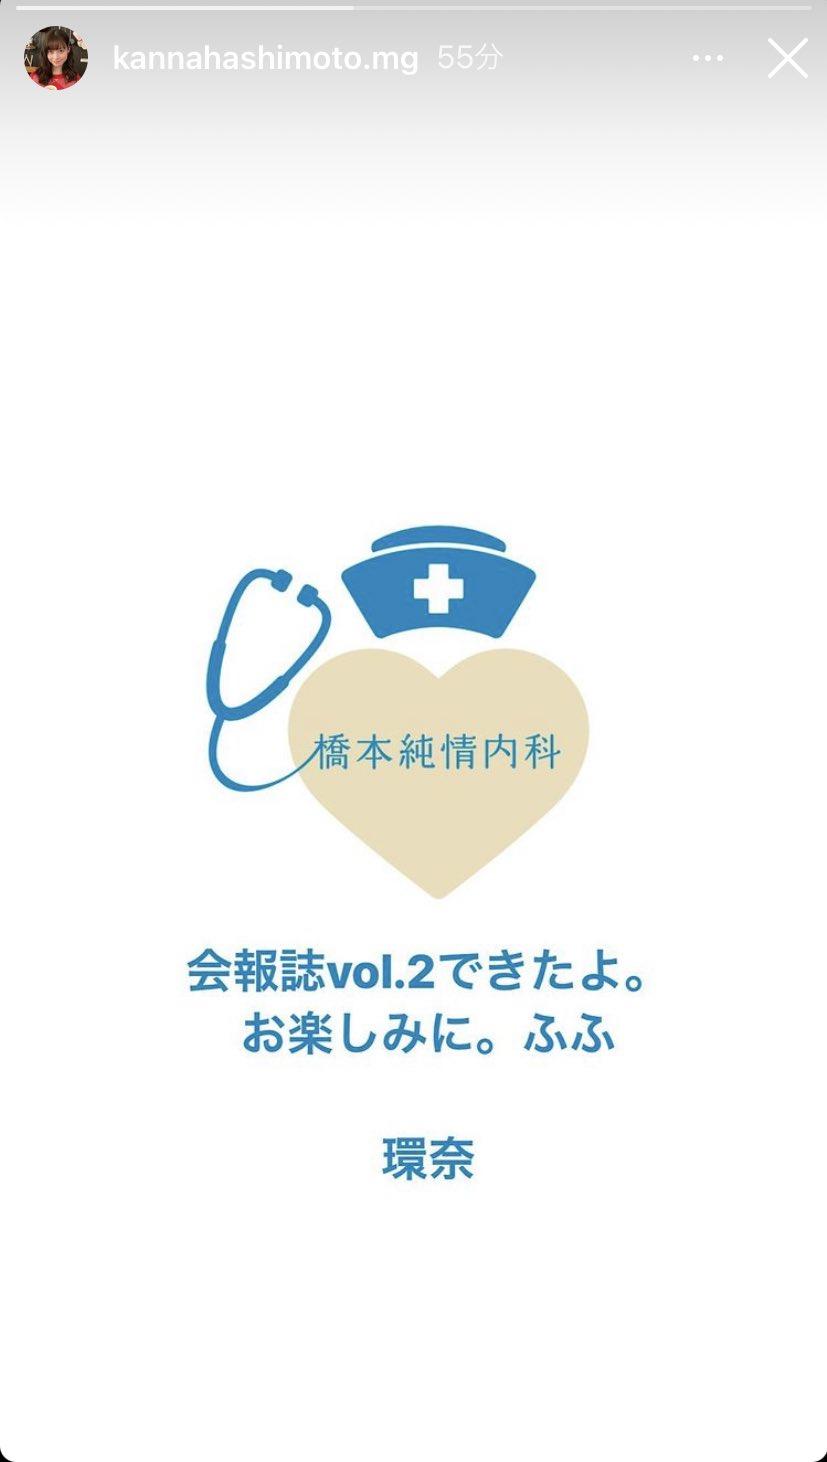 内科 橋本 純情 橋本環奈ファンクラブの名前は『橋本純情内科』!料金や参加方法、特典を紹介!